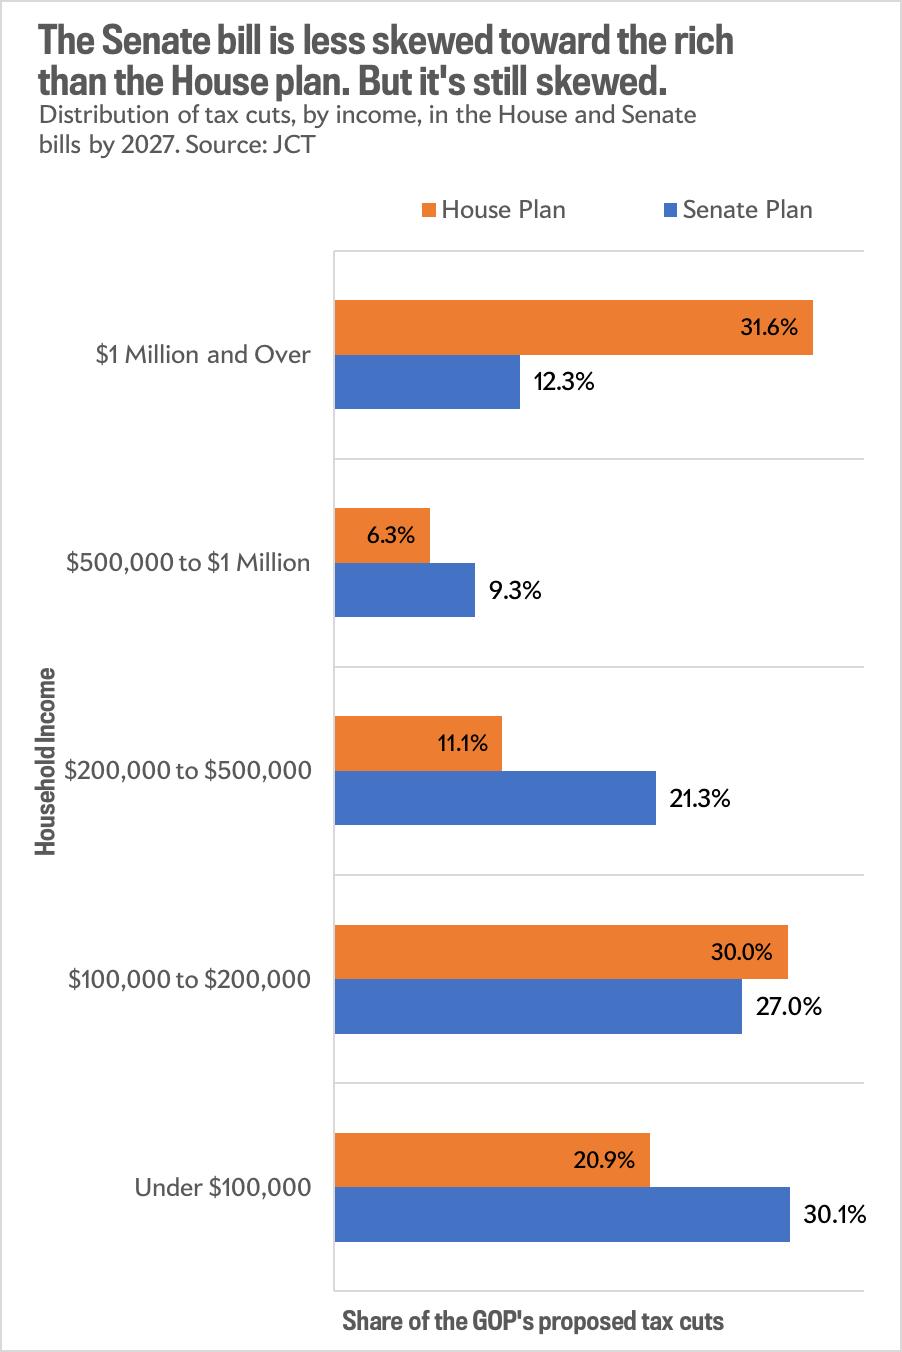 The Senate bill is still skewed towards the rich